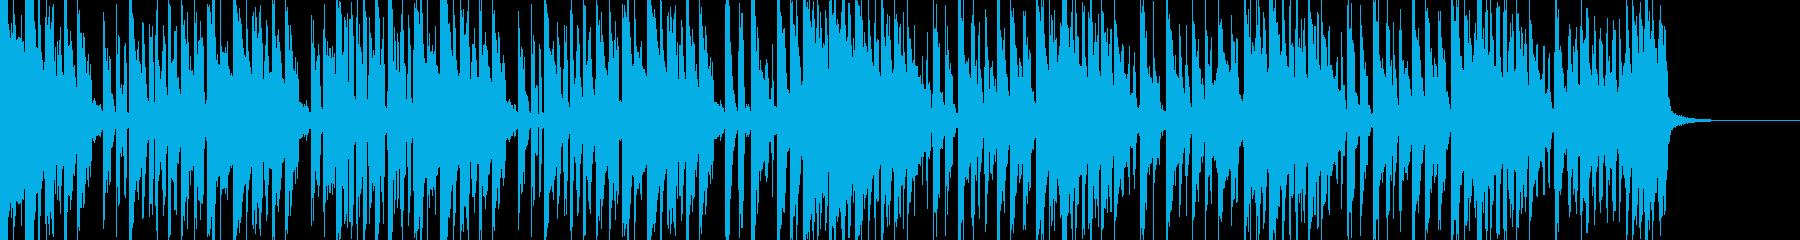 スクラッチが目立ったブレイクビーツの再生済みの波形